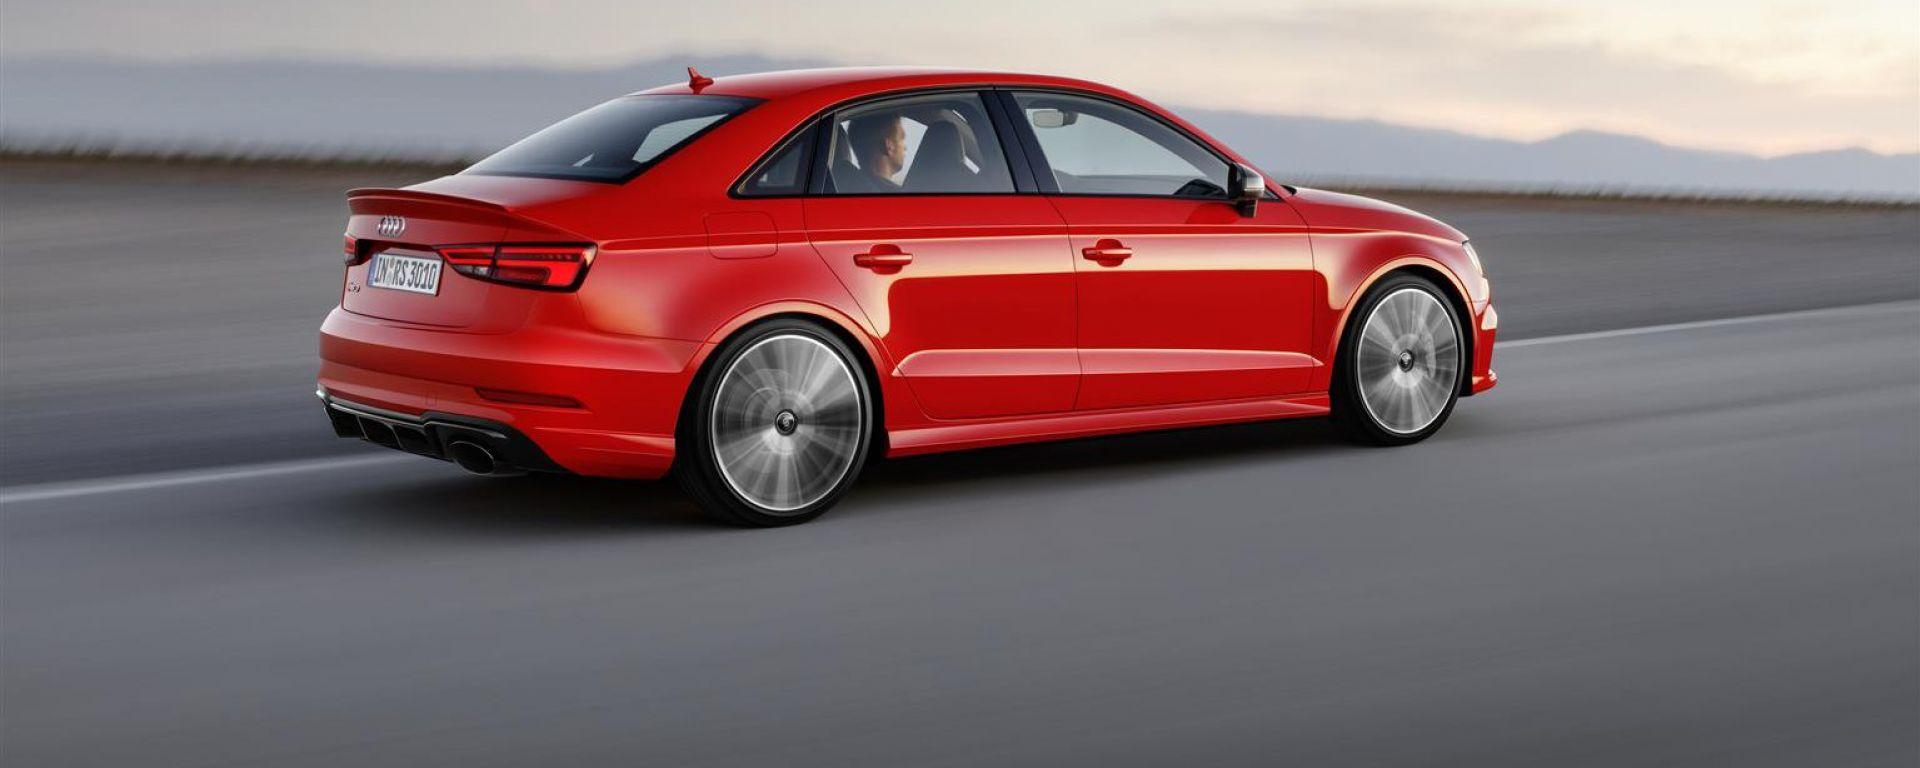 Audi RS 3 Sedan - la trazione integrale distribuisce la coppia a seconda delle esigenze